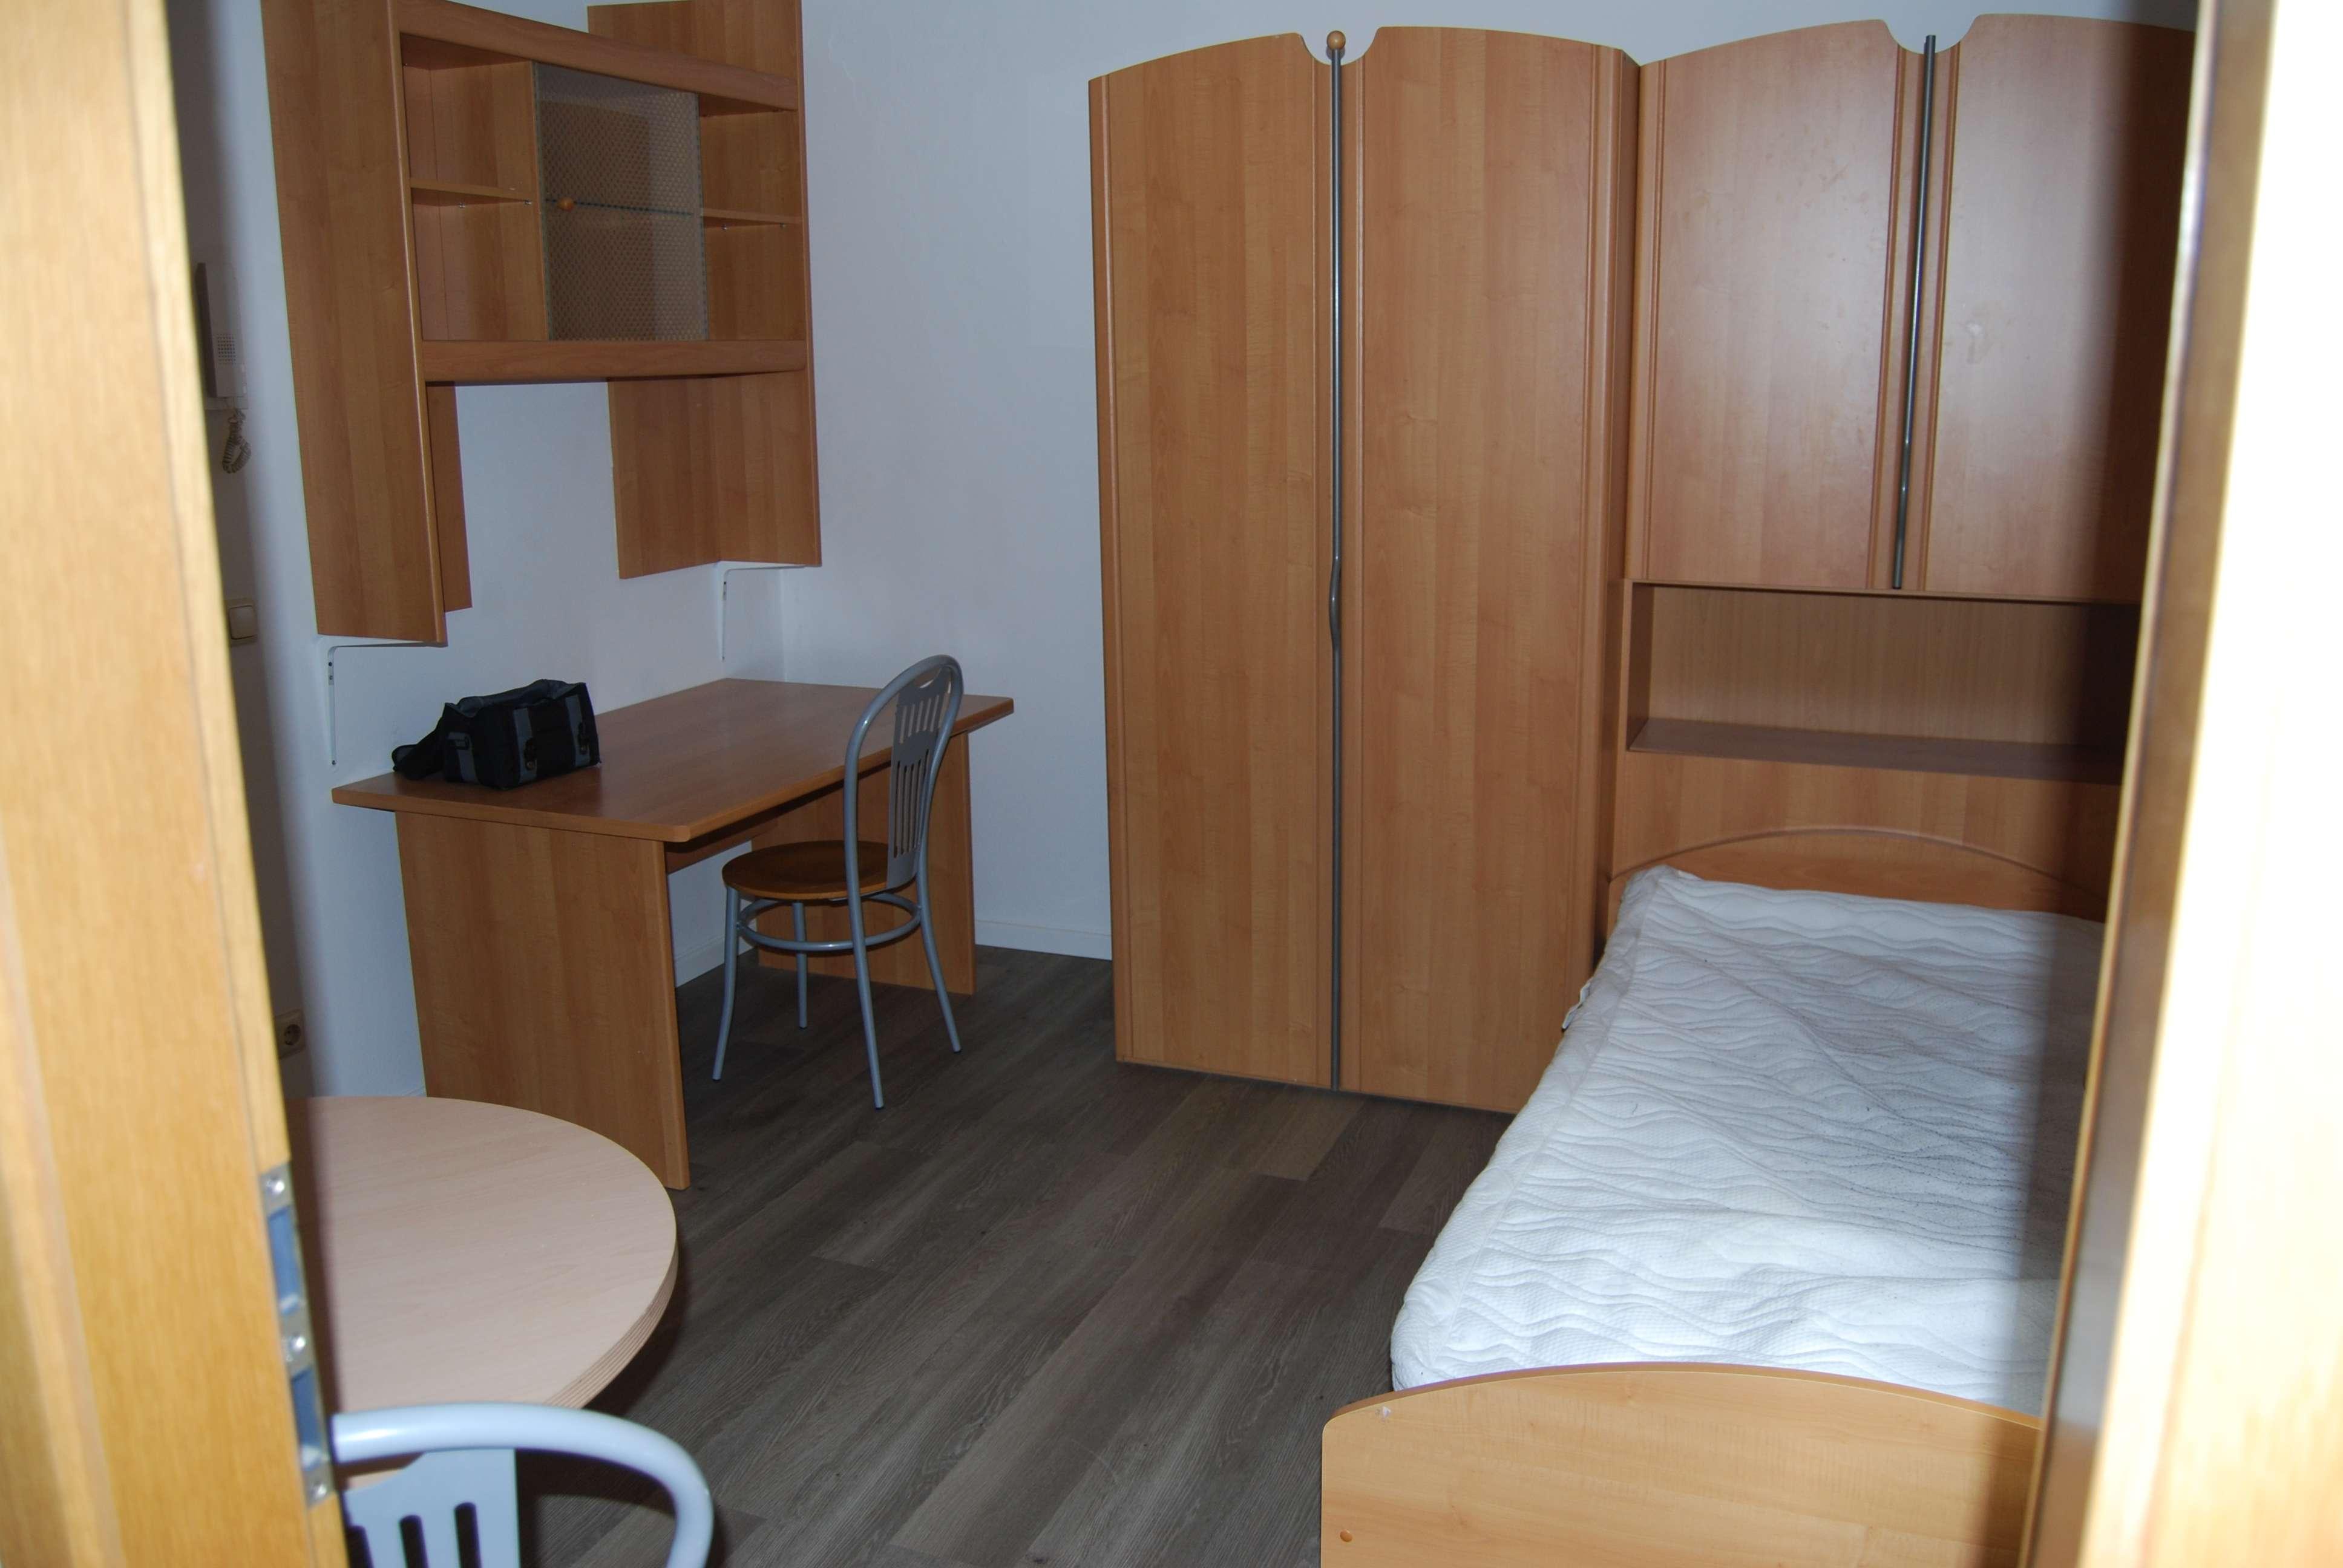 Für Studenten, schönes möbliertes 1-Zimmer Apartment !  Anfragen bitte nur per E-Mail